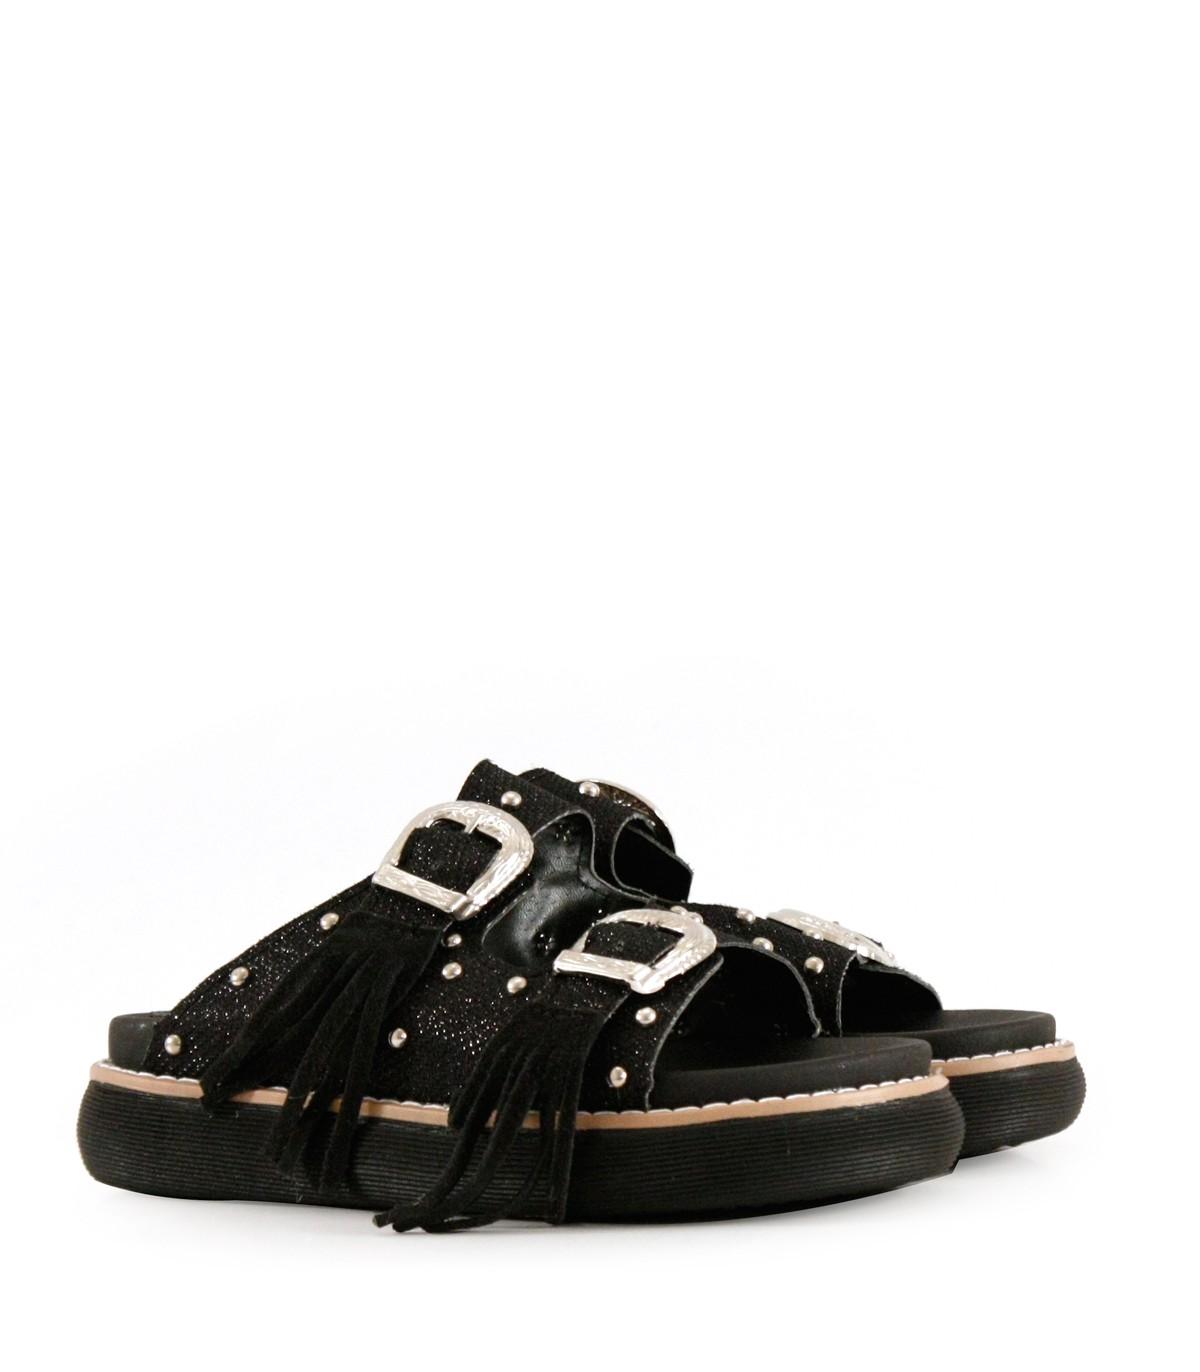 80b12818a65 Sandalias de símil cuero en negro con flecos